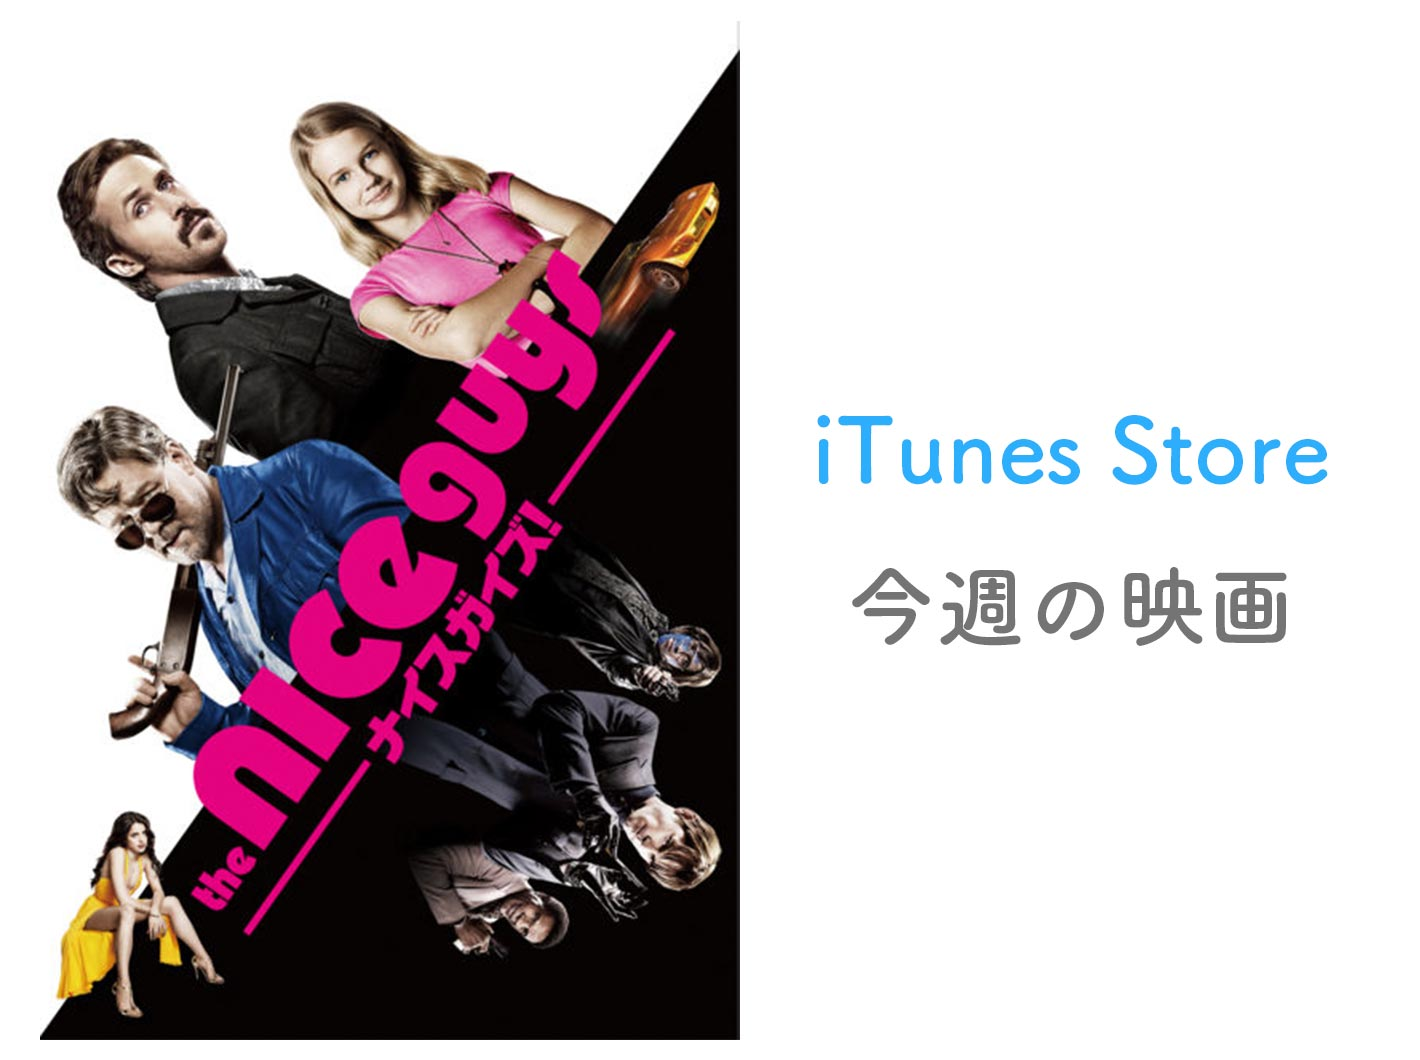 【レンタル100円】iTunes Store、「今週の映画」として「ナイスガイズ!」をピックアップ